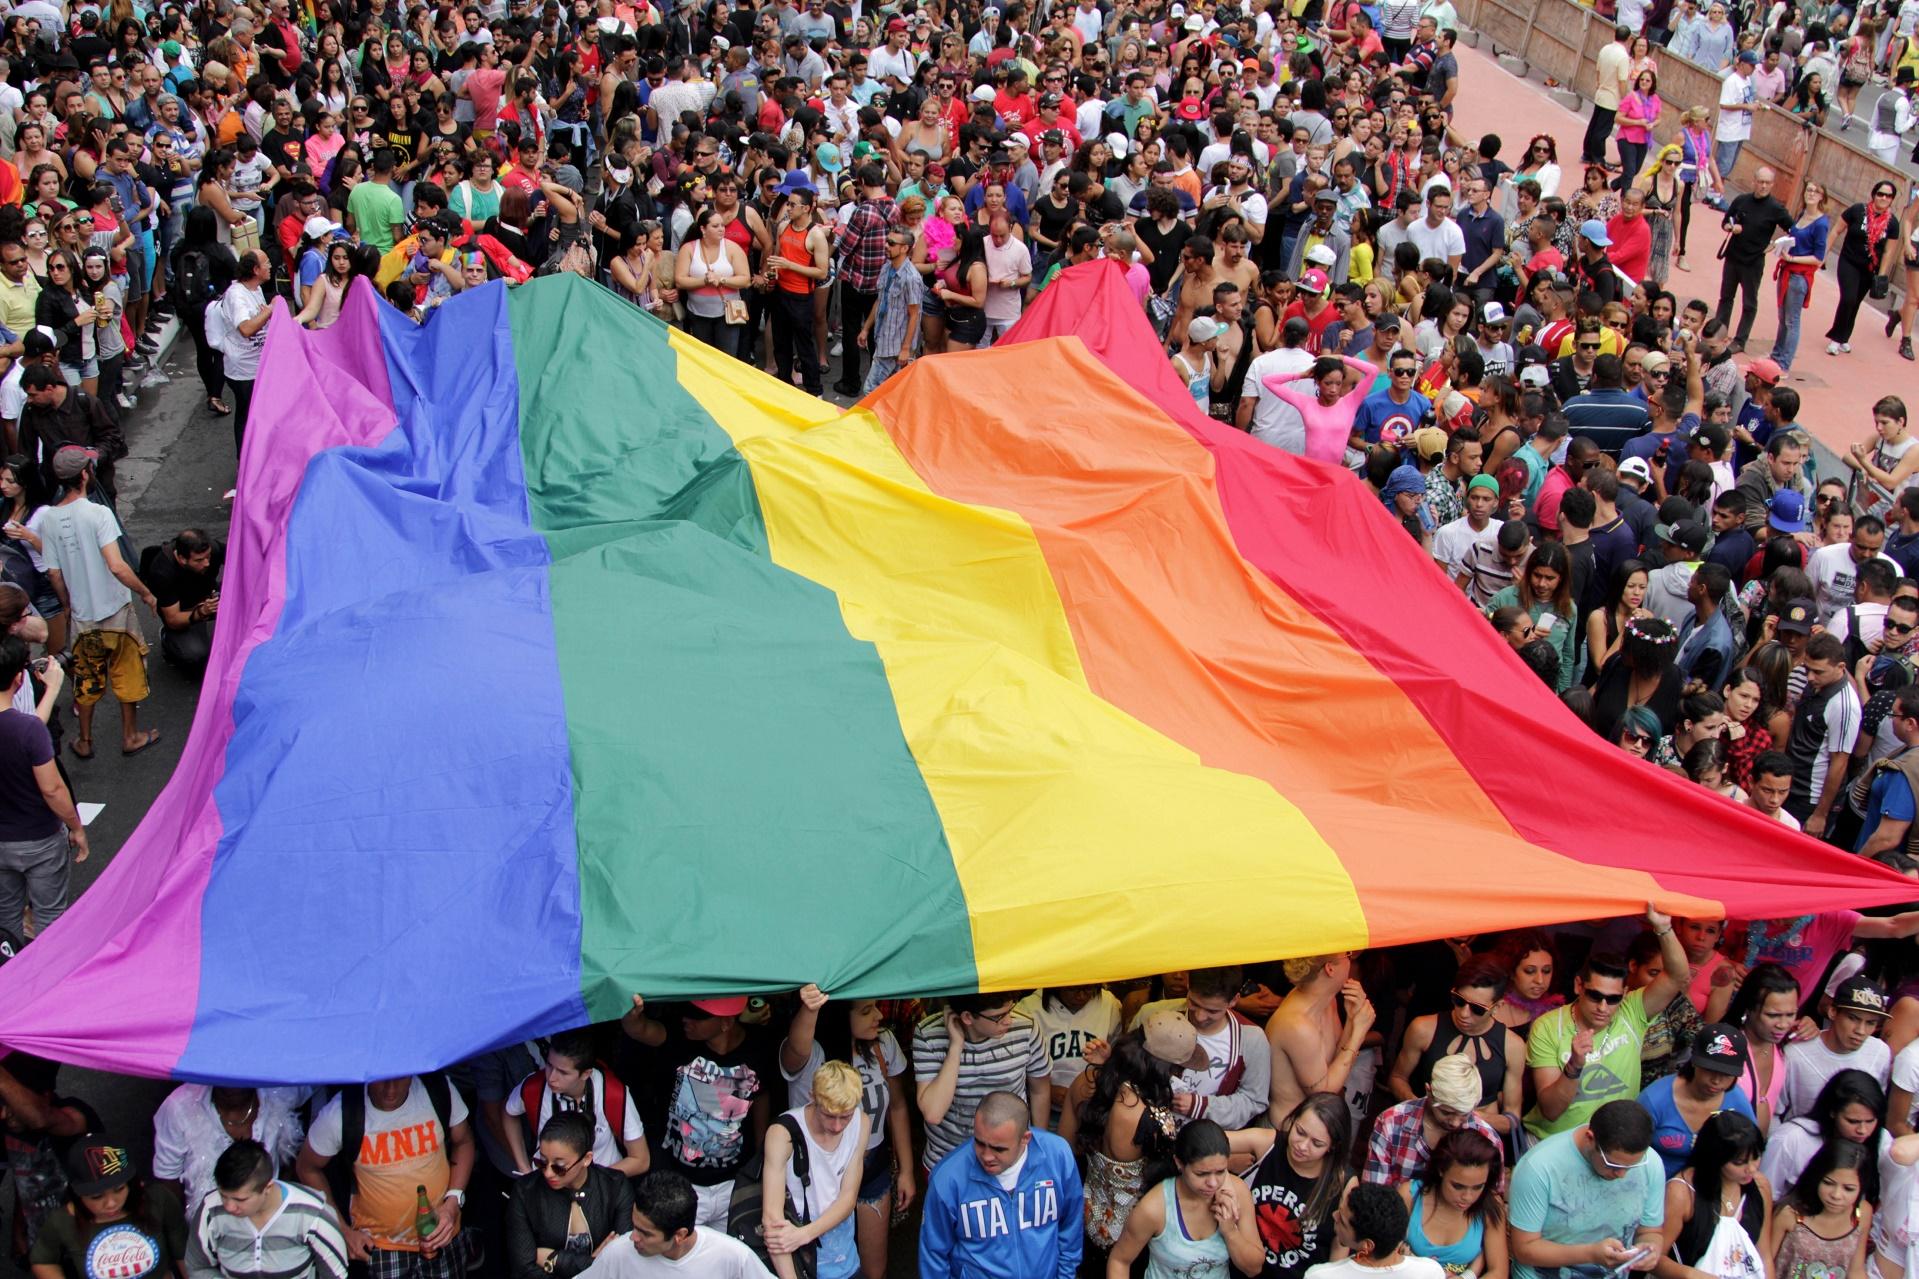 Participantes da Parada do Orgulho LGBT ocupam a Avenida Paulista, em São Paulo